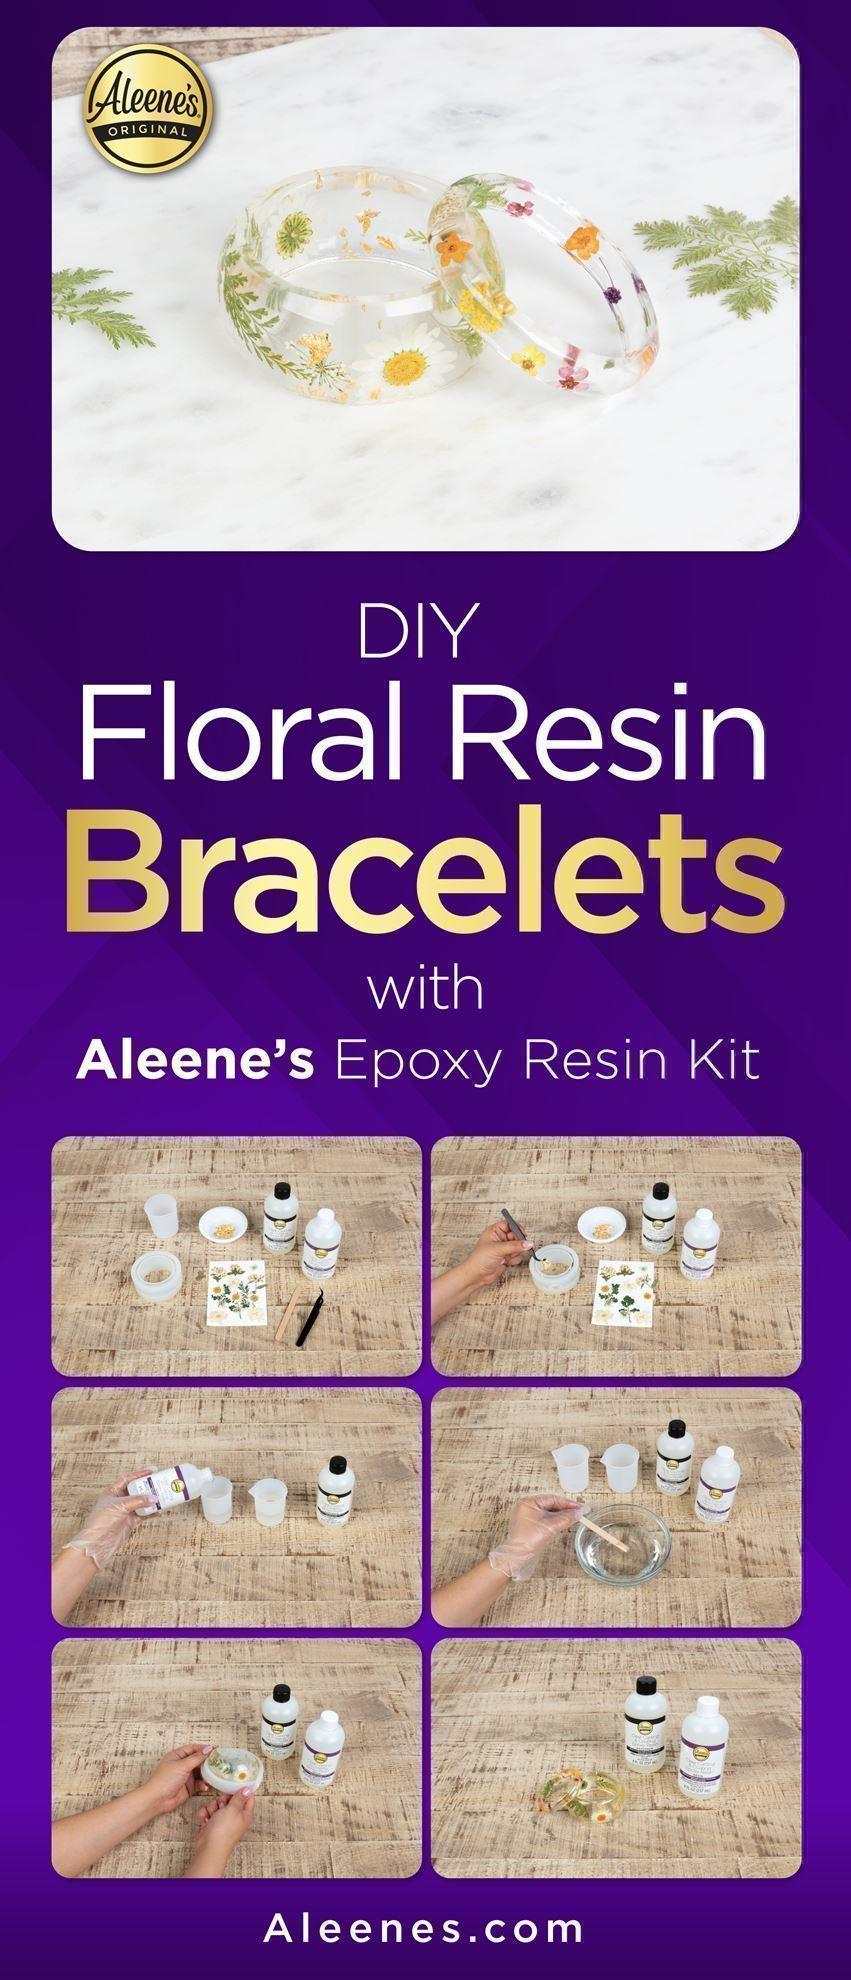 How To Make Floral Resin Bracelets